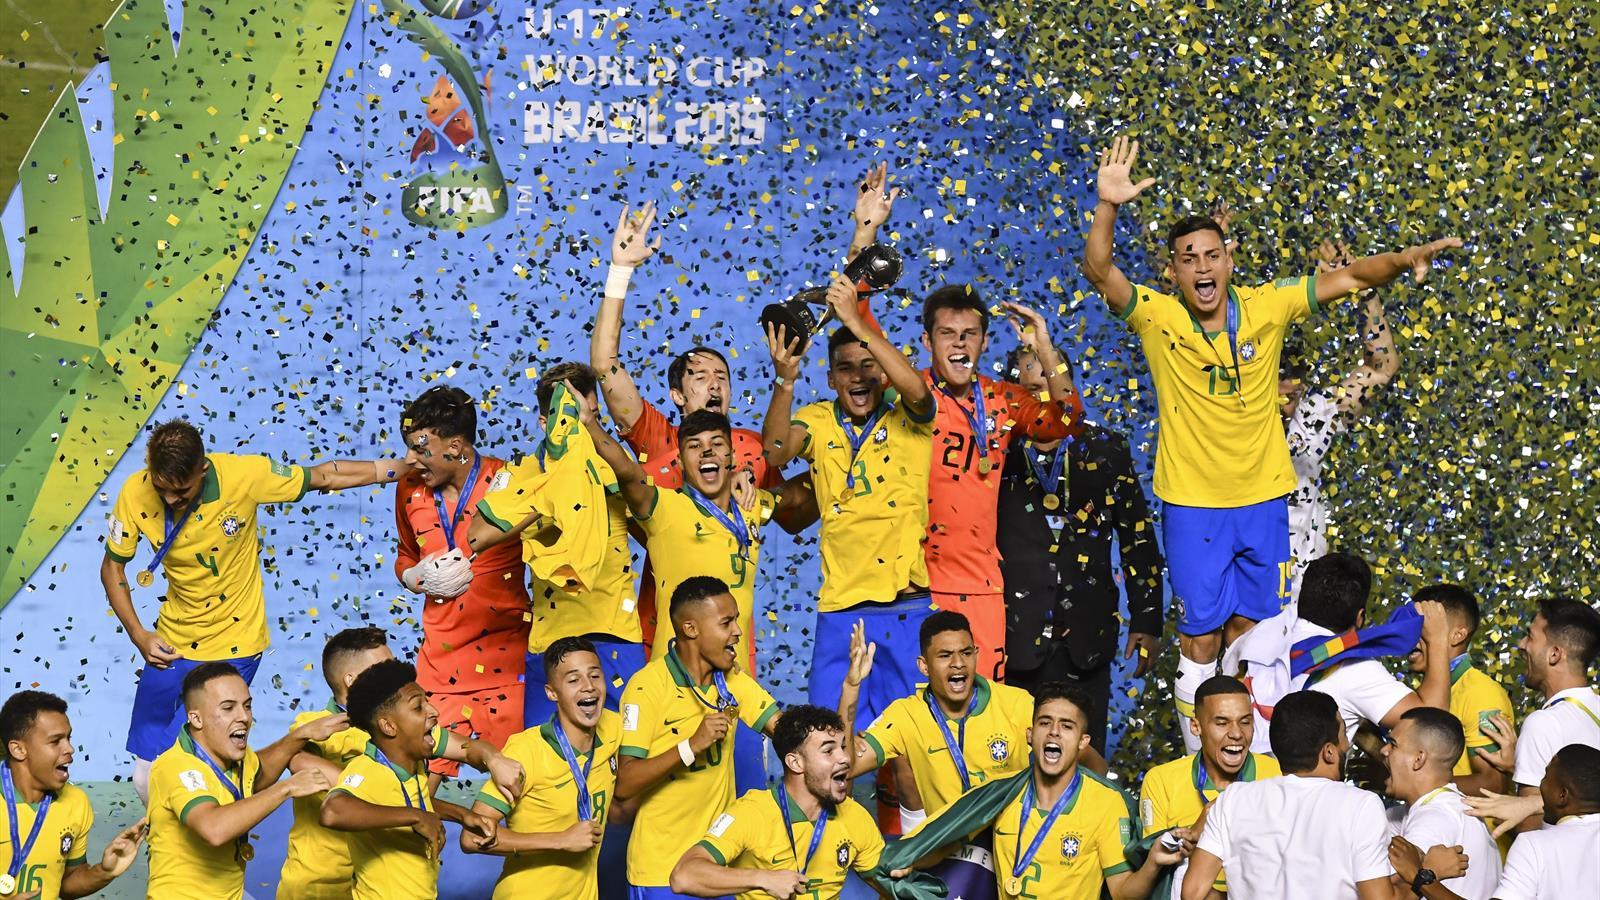 Coupe du monde u17 le br sil sacr chez lui face au - Calendrier coupe du monde u17 ...